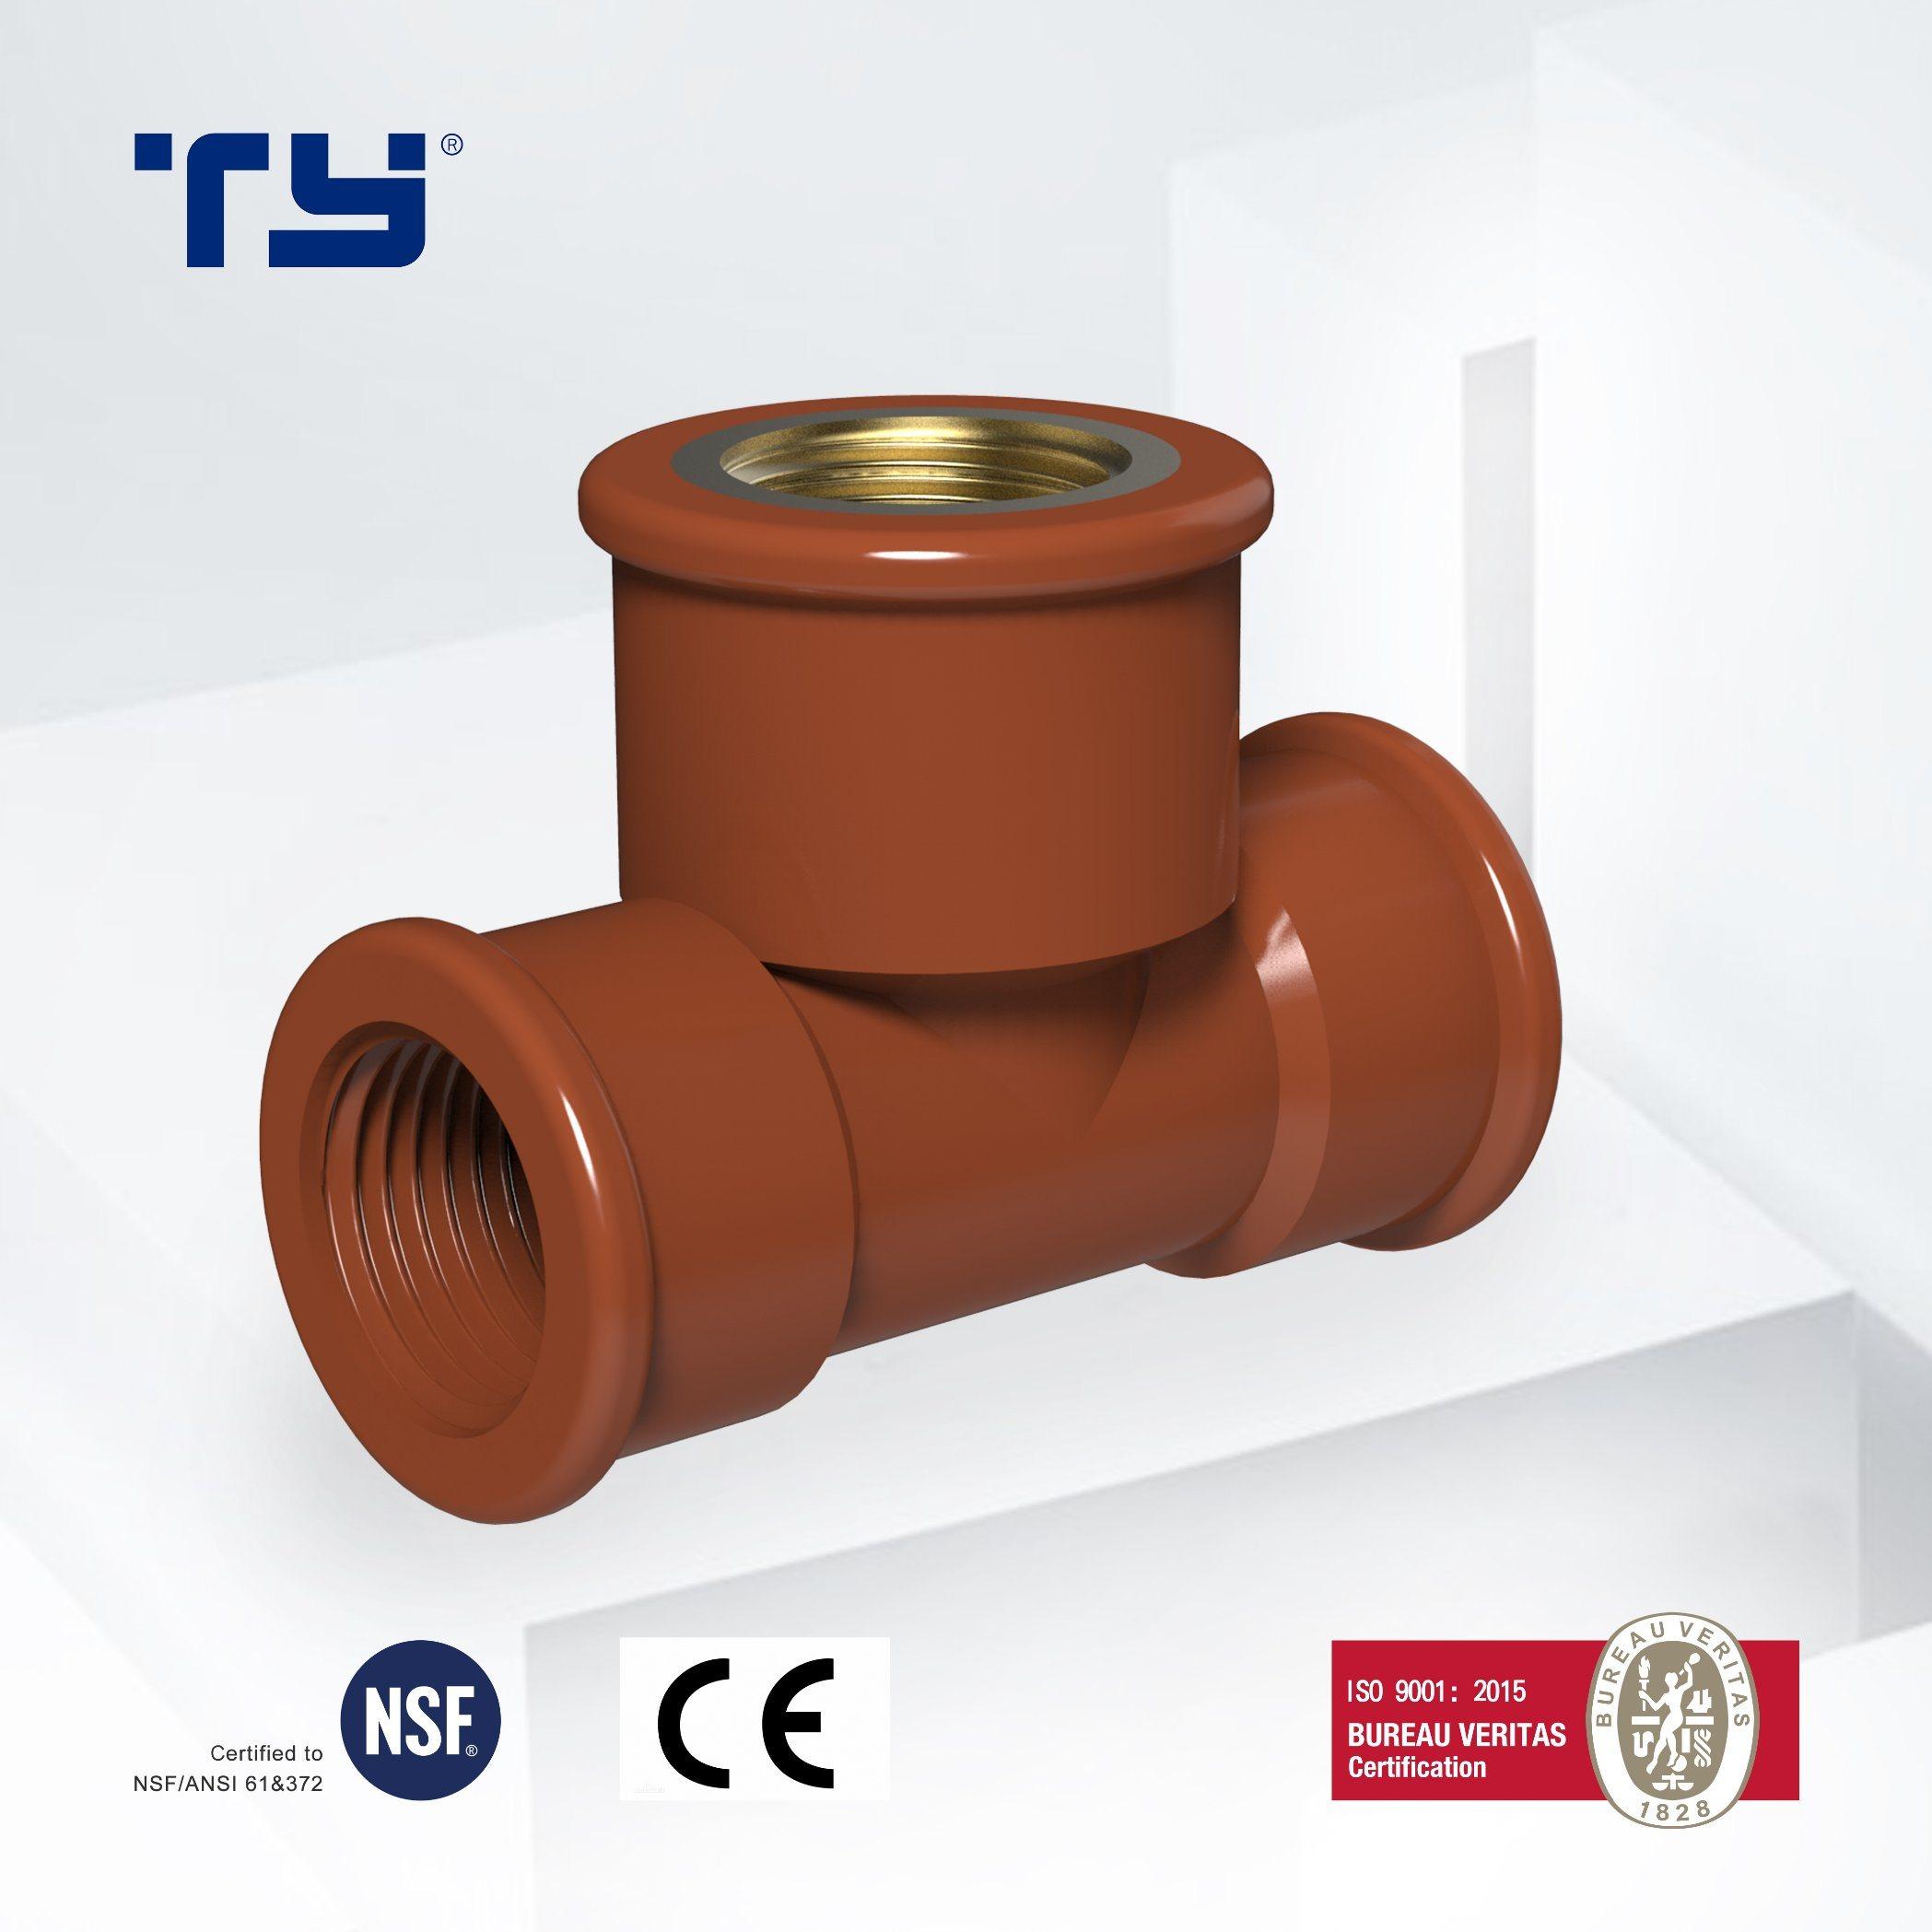 PP Female Tee BSP Pipe Fittings Polypropylene Plumbing Water